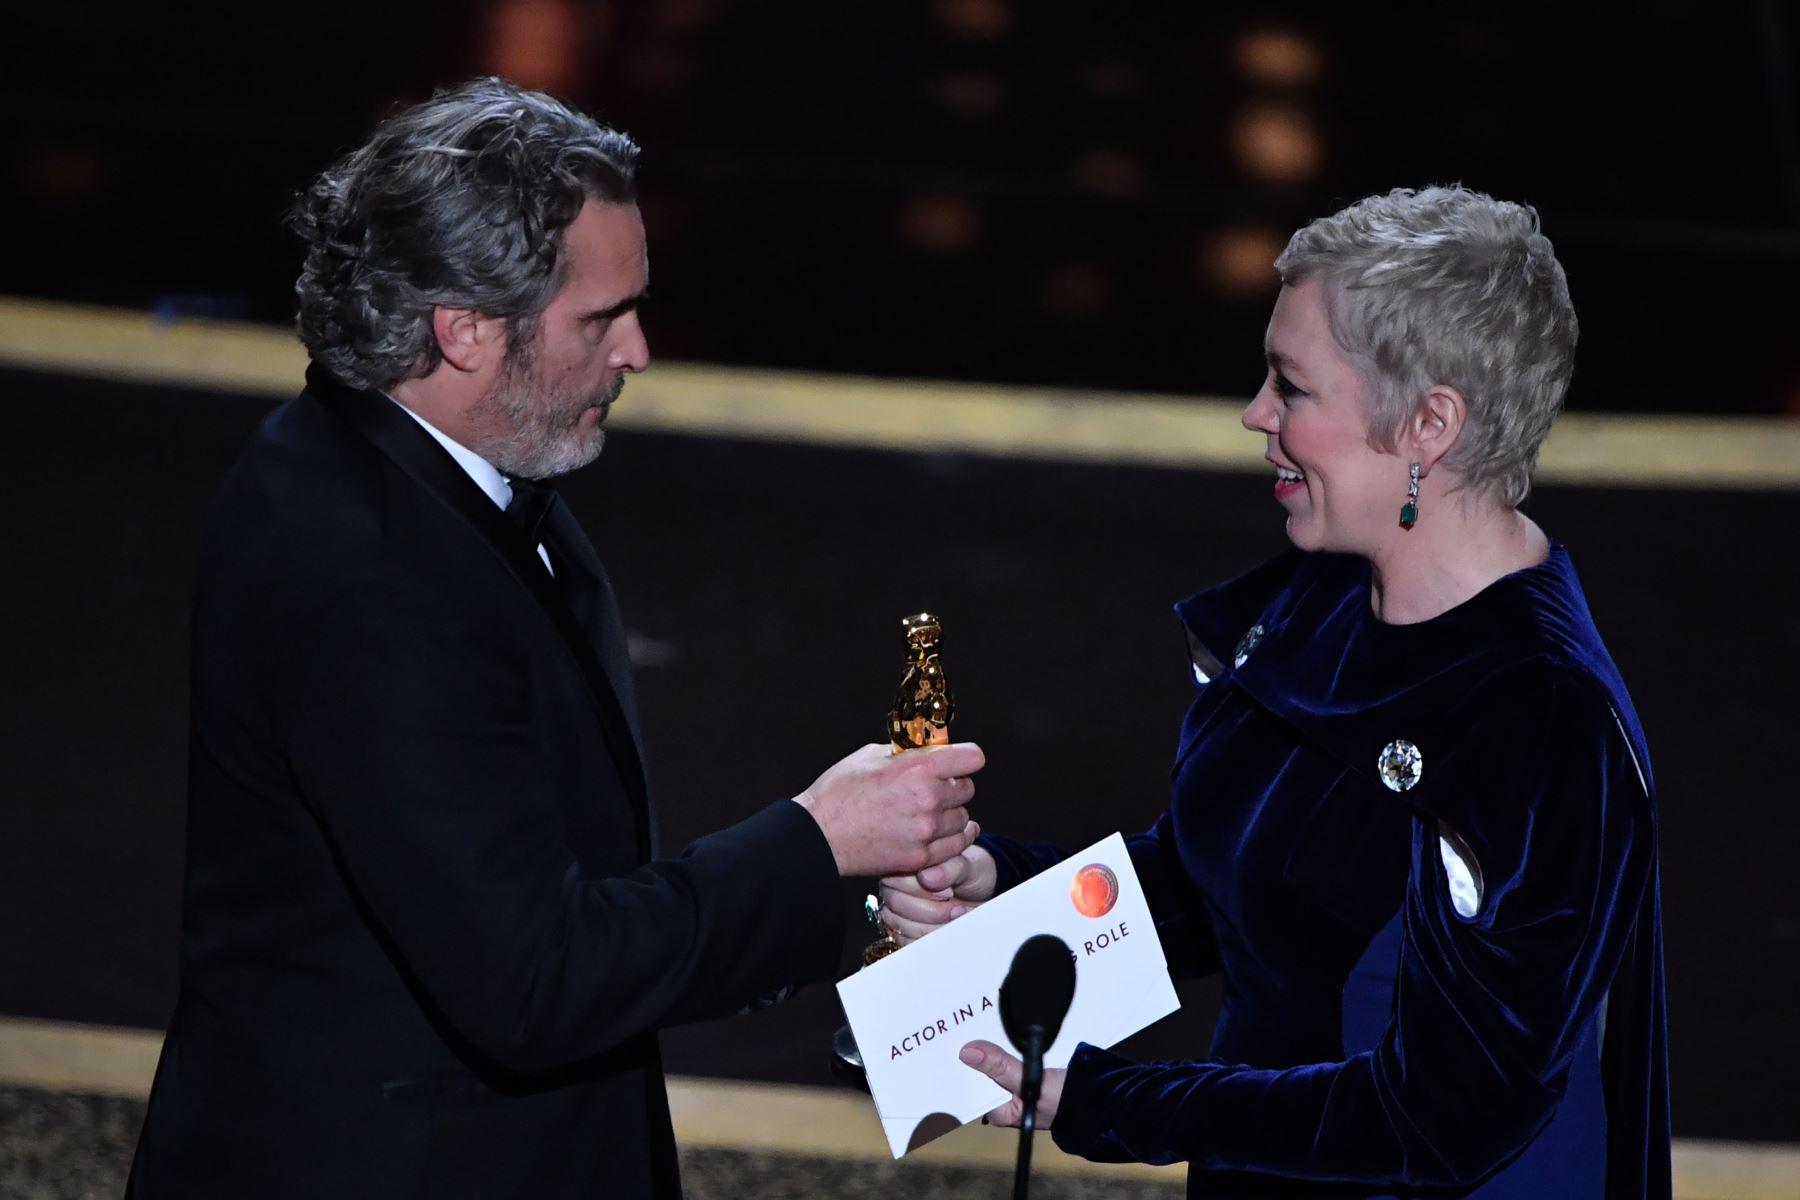 """El actor estadounidense Joaquín Phoenix (L) acepta el premio al Mejor Actor por """"Joker"""" de la actriz británica Olivia Colman durante la 92a edición de los Oscar en el Dolby Theatre de Hollywood. Foto: AFP"""